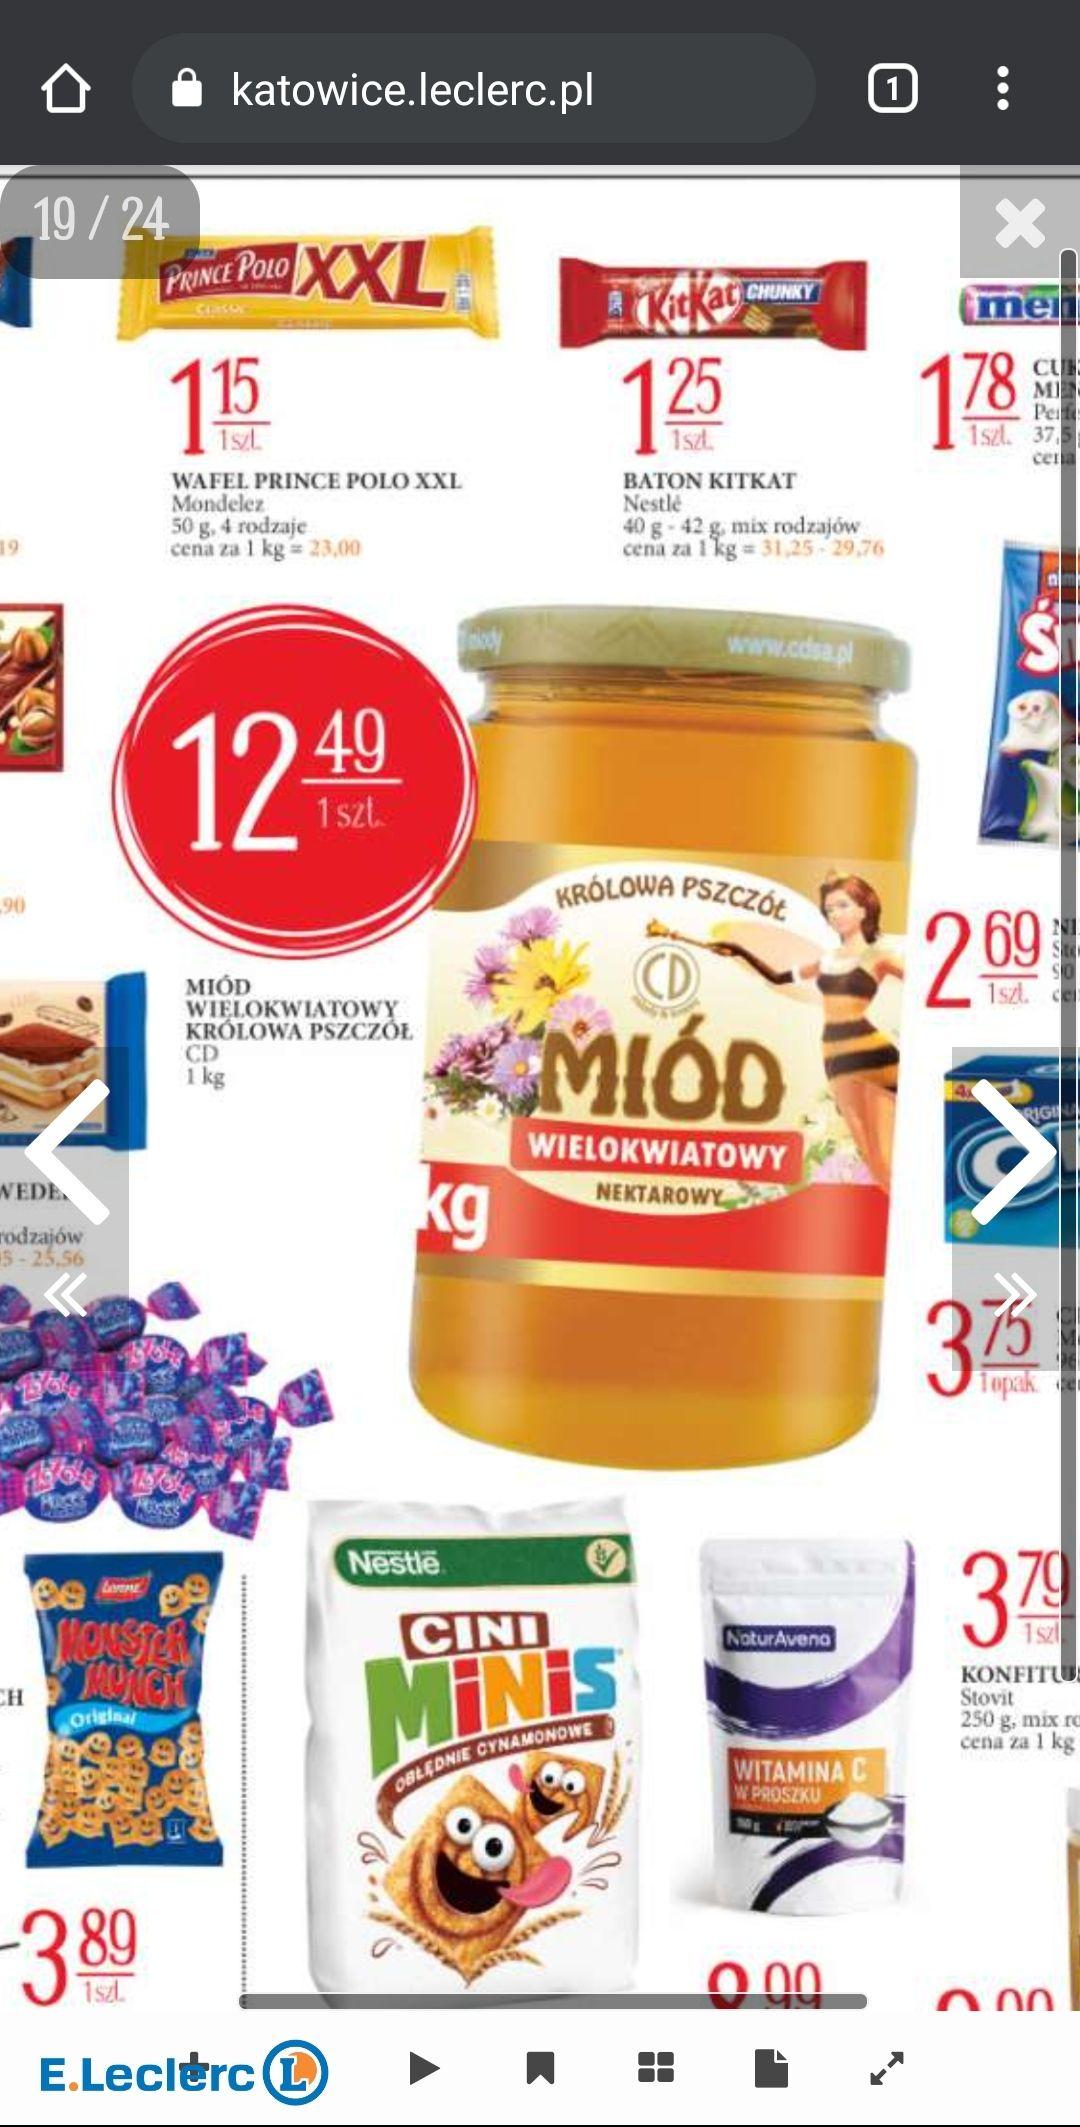 Miód Wielokwiatowy Królowa Pszczół 1kg